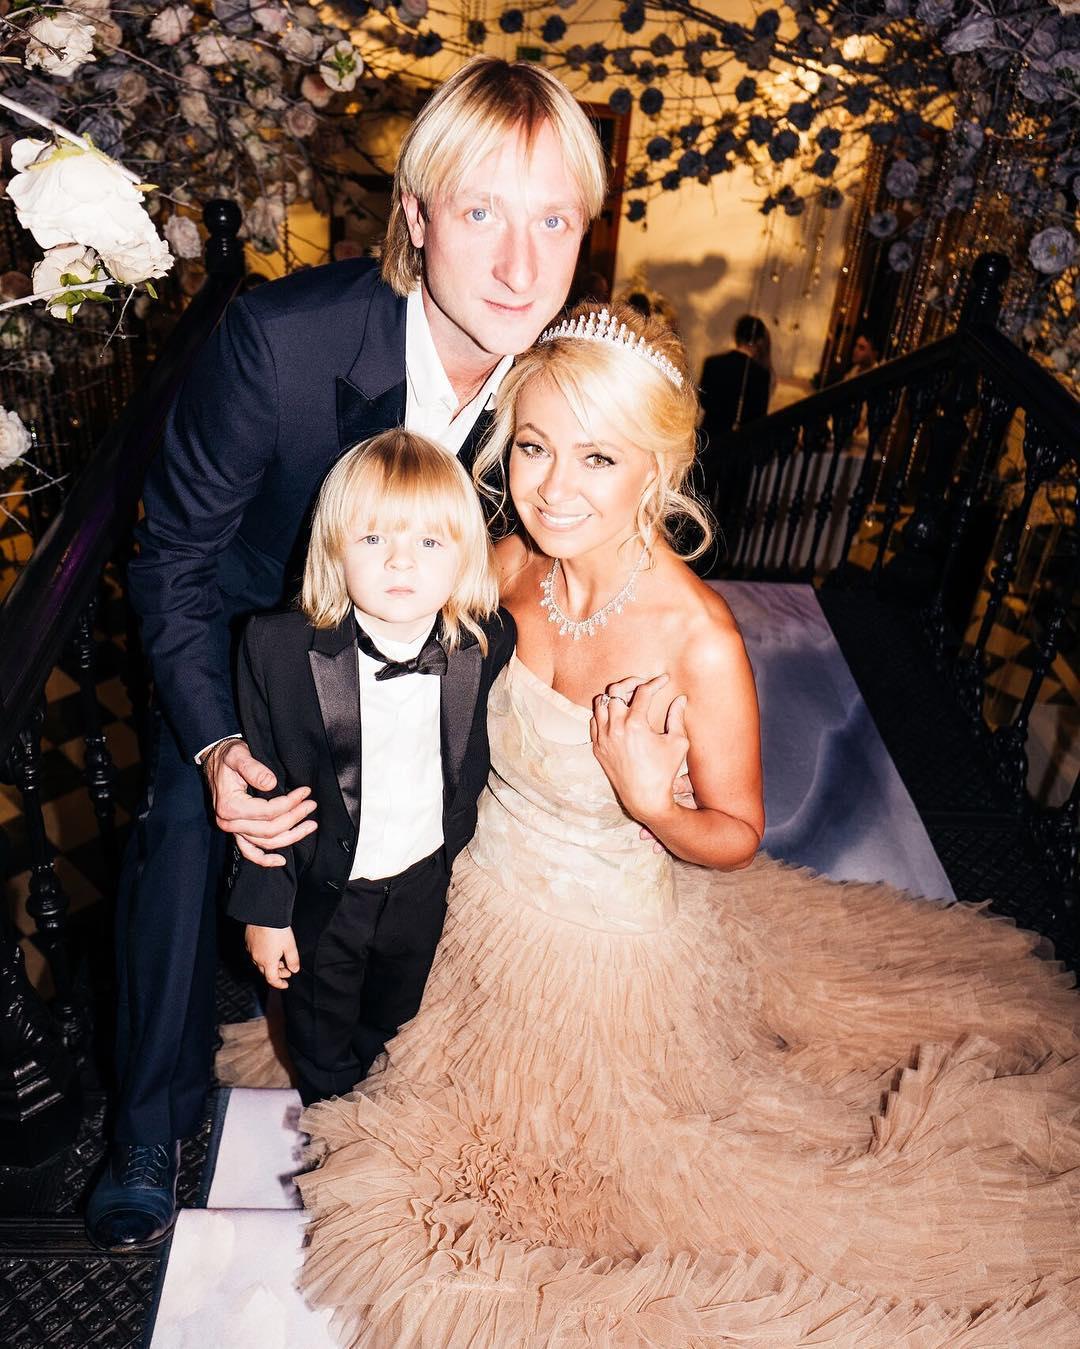 Свадьба Яны Рудковской и Евгения Плющенко (фото) Конферансье 63